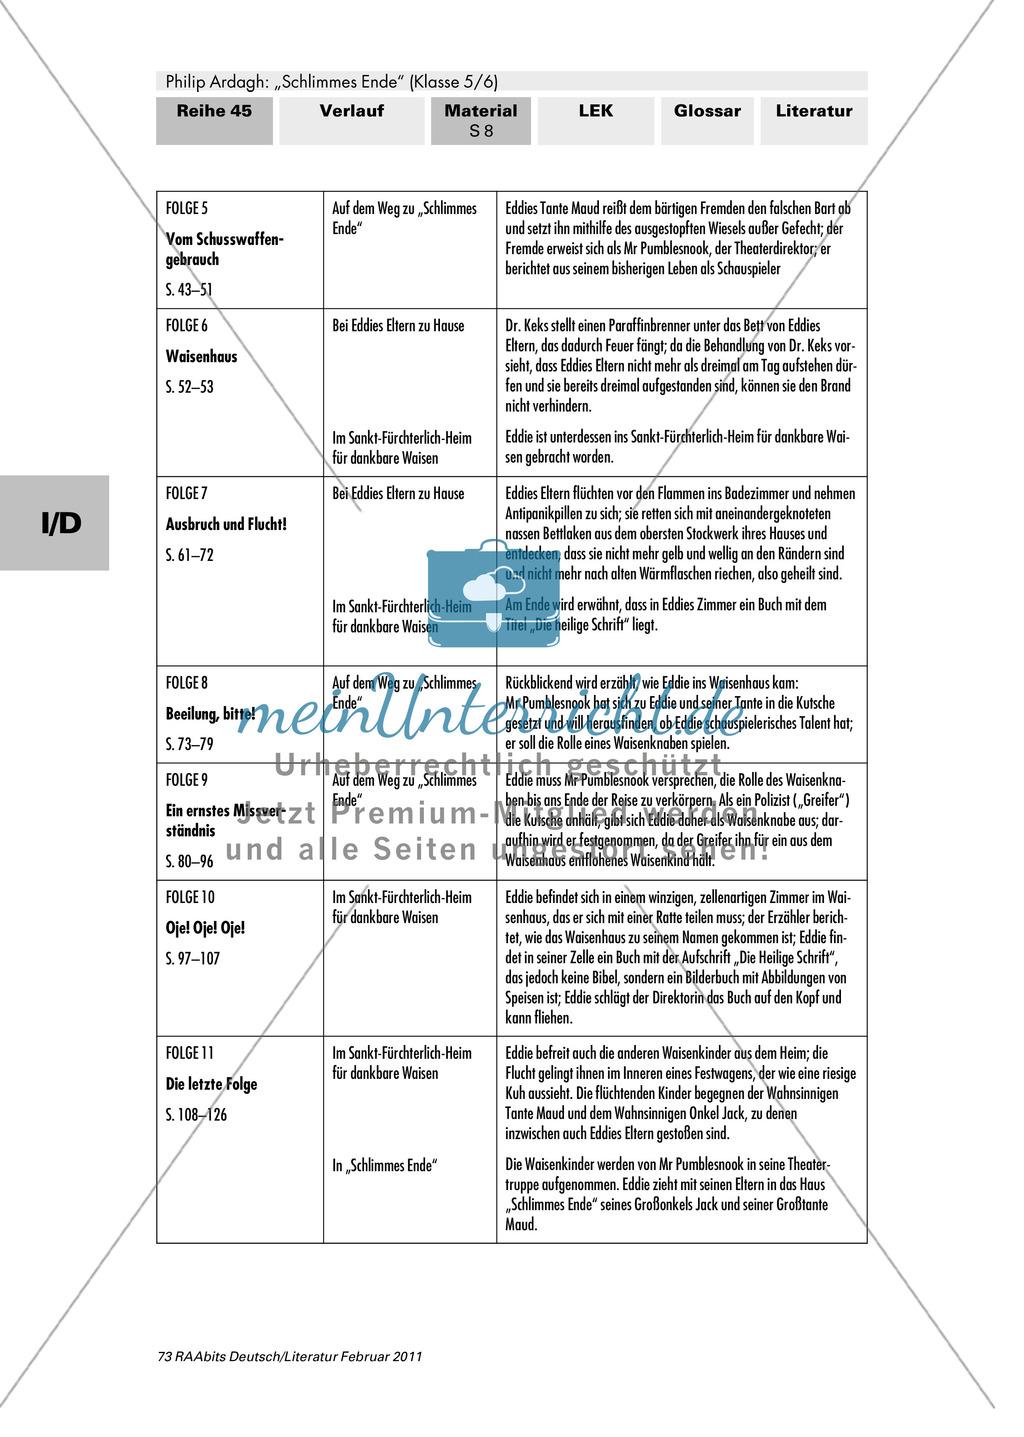 """Philip Ardagh """"Schlimmes Ende"""": Erwartungen an die Lektüre formulieren und den Beginn der Geschichte kennen lernen Preview 6"""